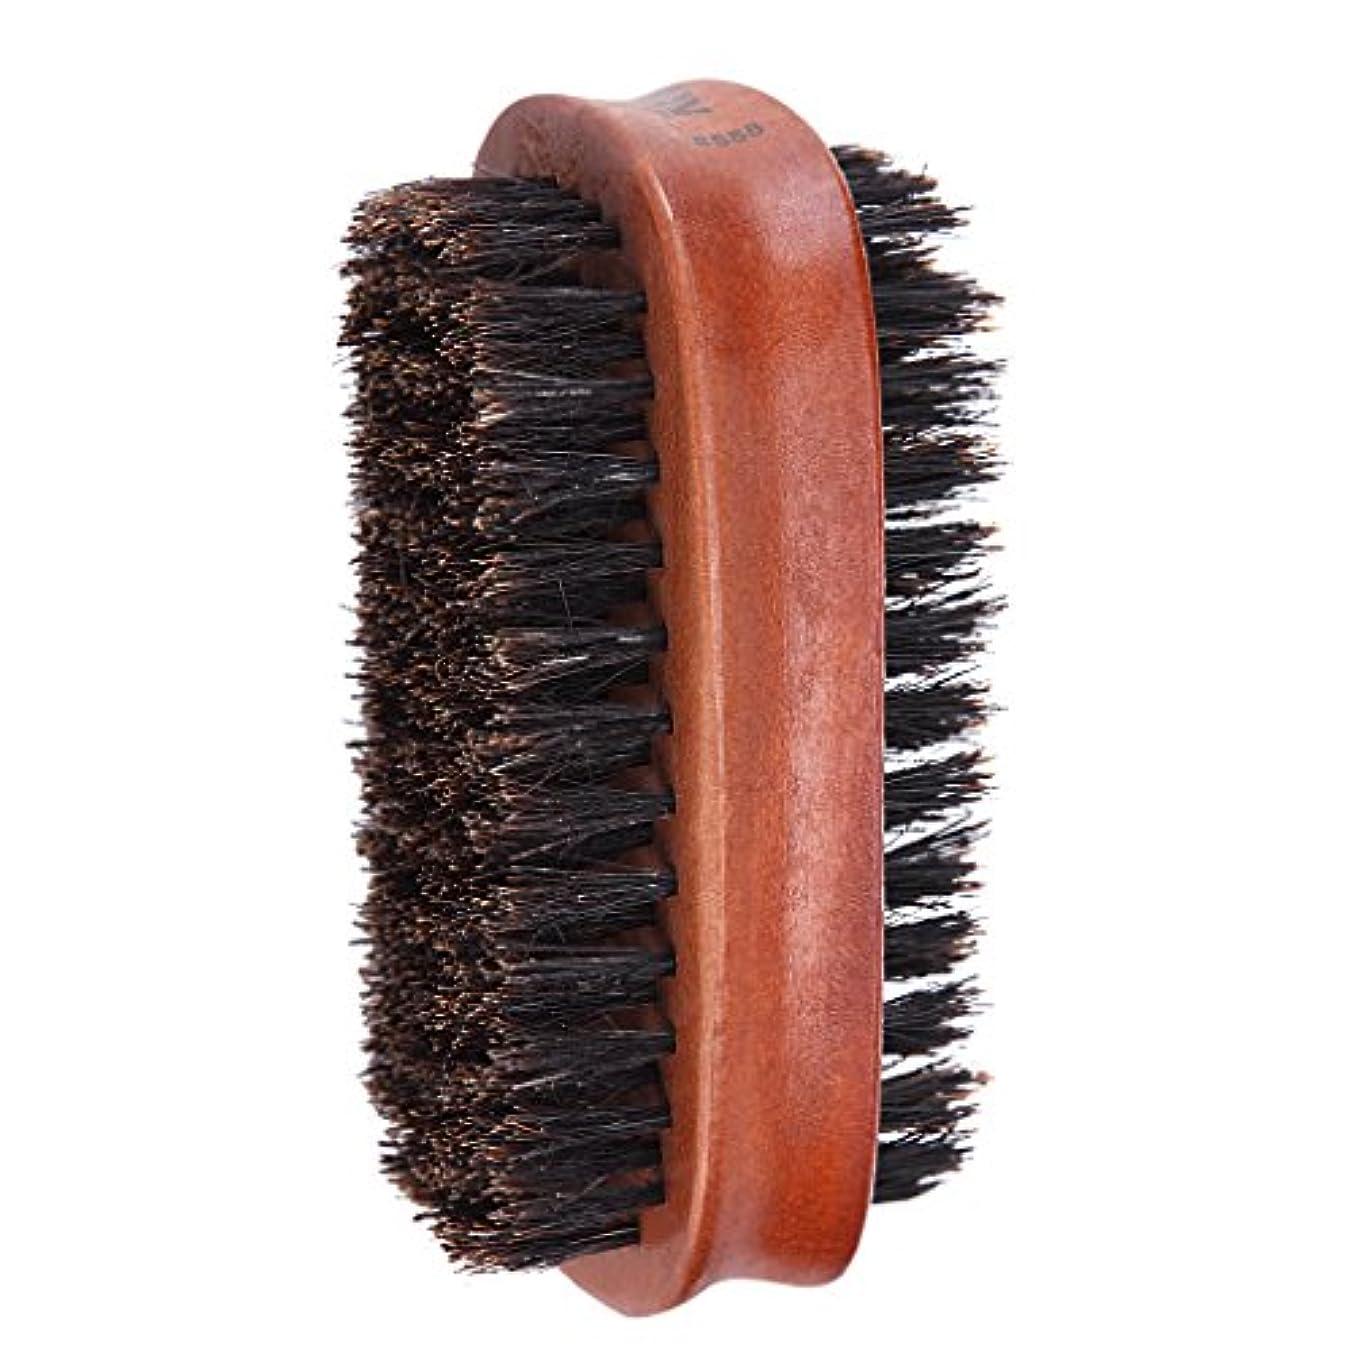 土ガウンアルファベットToygogo ヘアブラシ 両面ブラシ 男性 髭 口ひげ グルーミングブラシ ブリストルブラシ